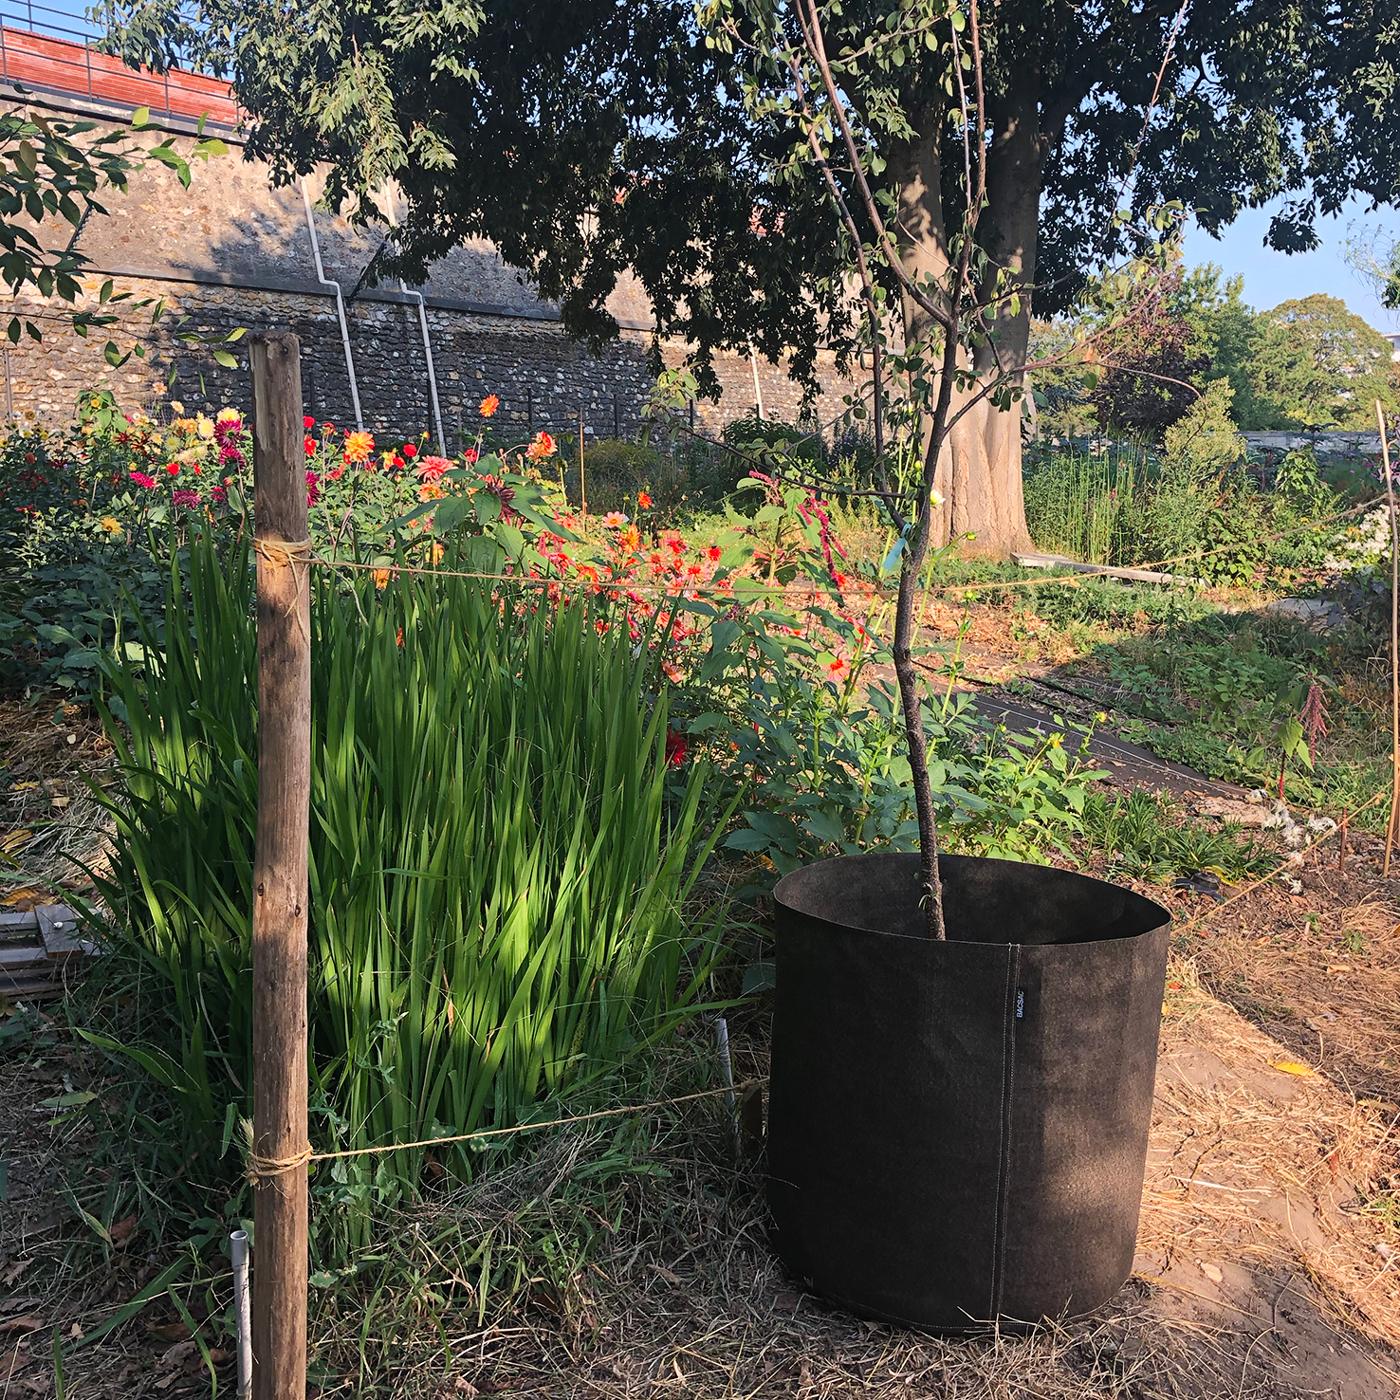 Bacsquare 9 kitchen garden (330L) Potiron